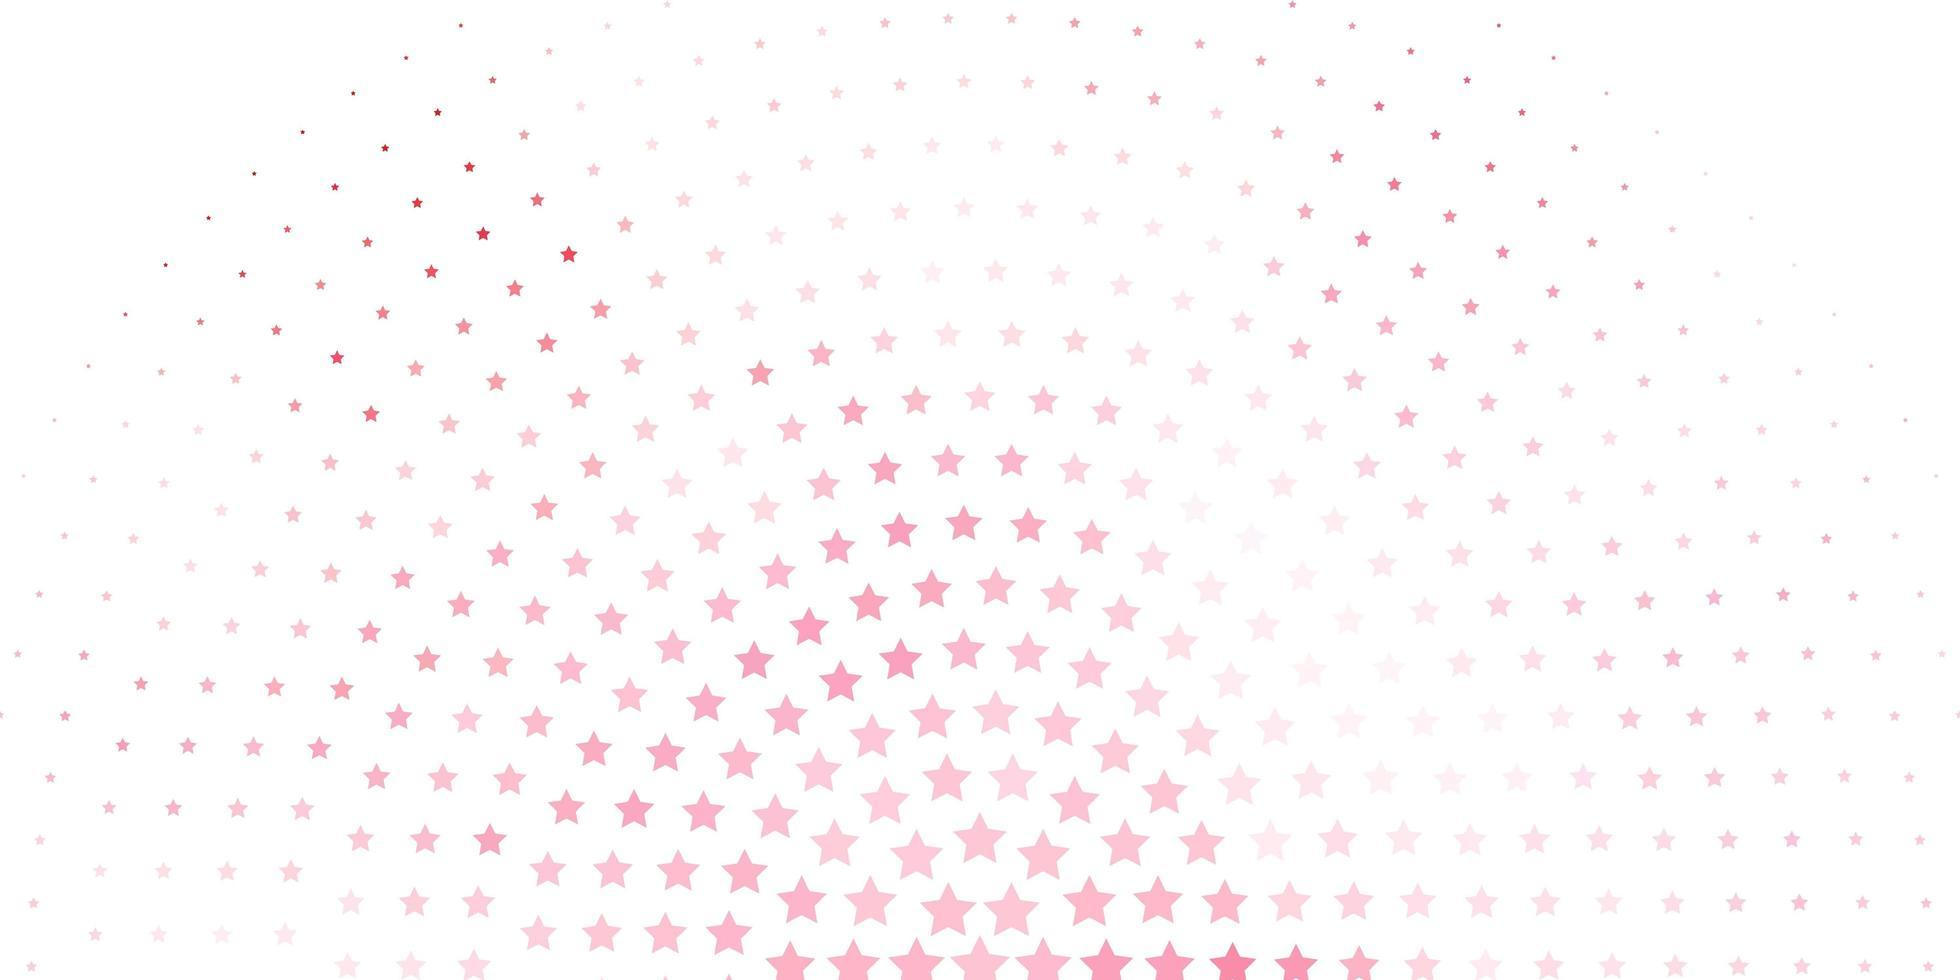 texture de vecteur rouge clair avec de belles étoiles.